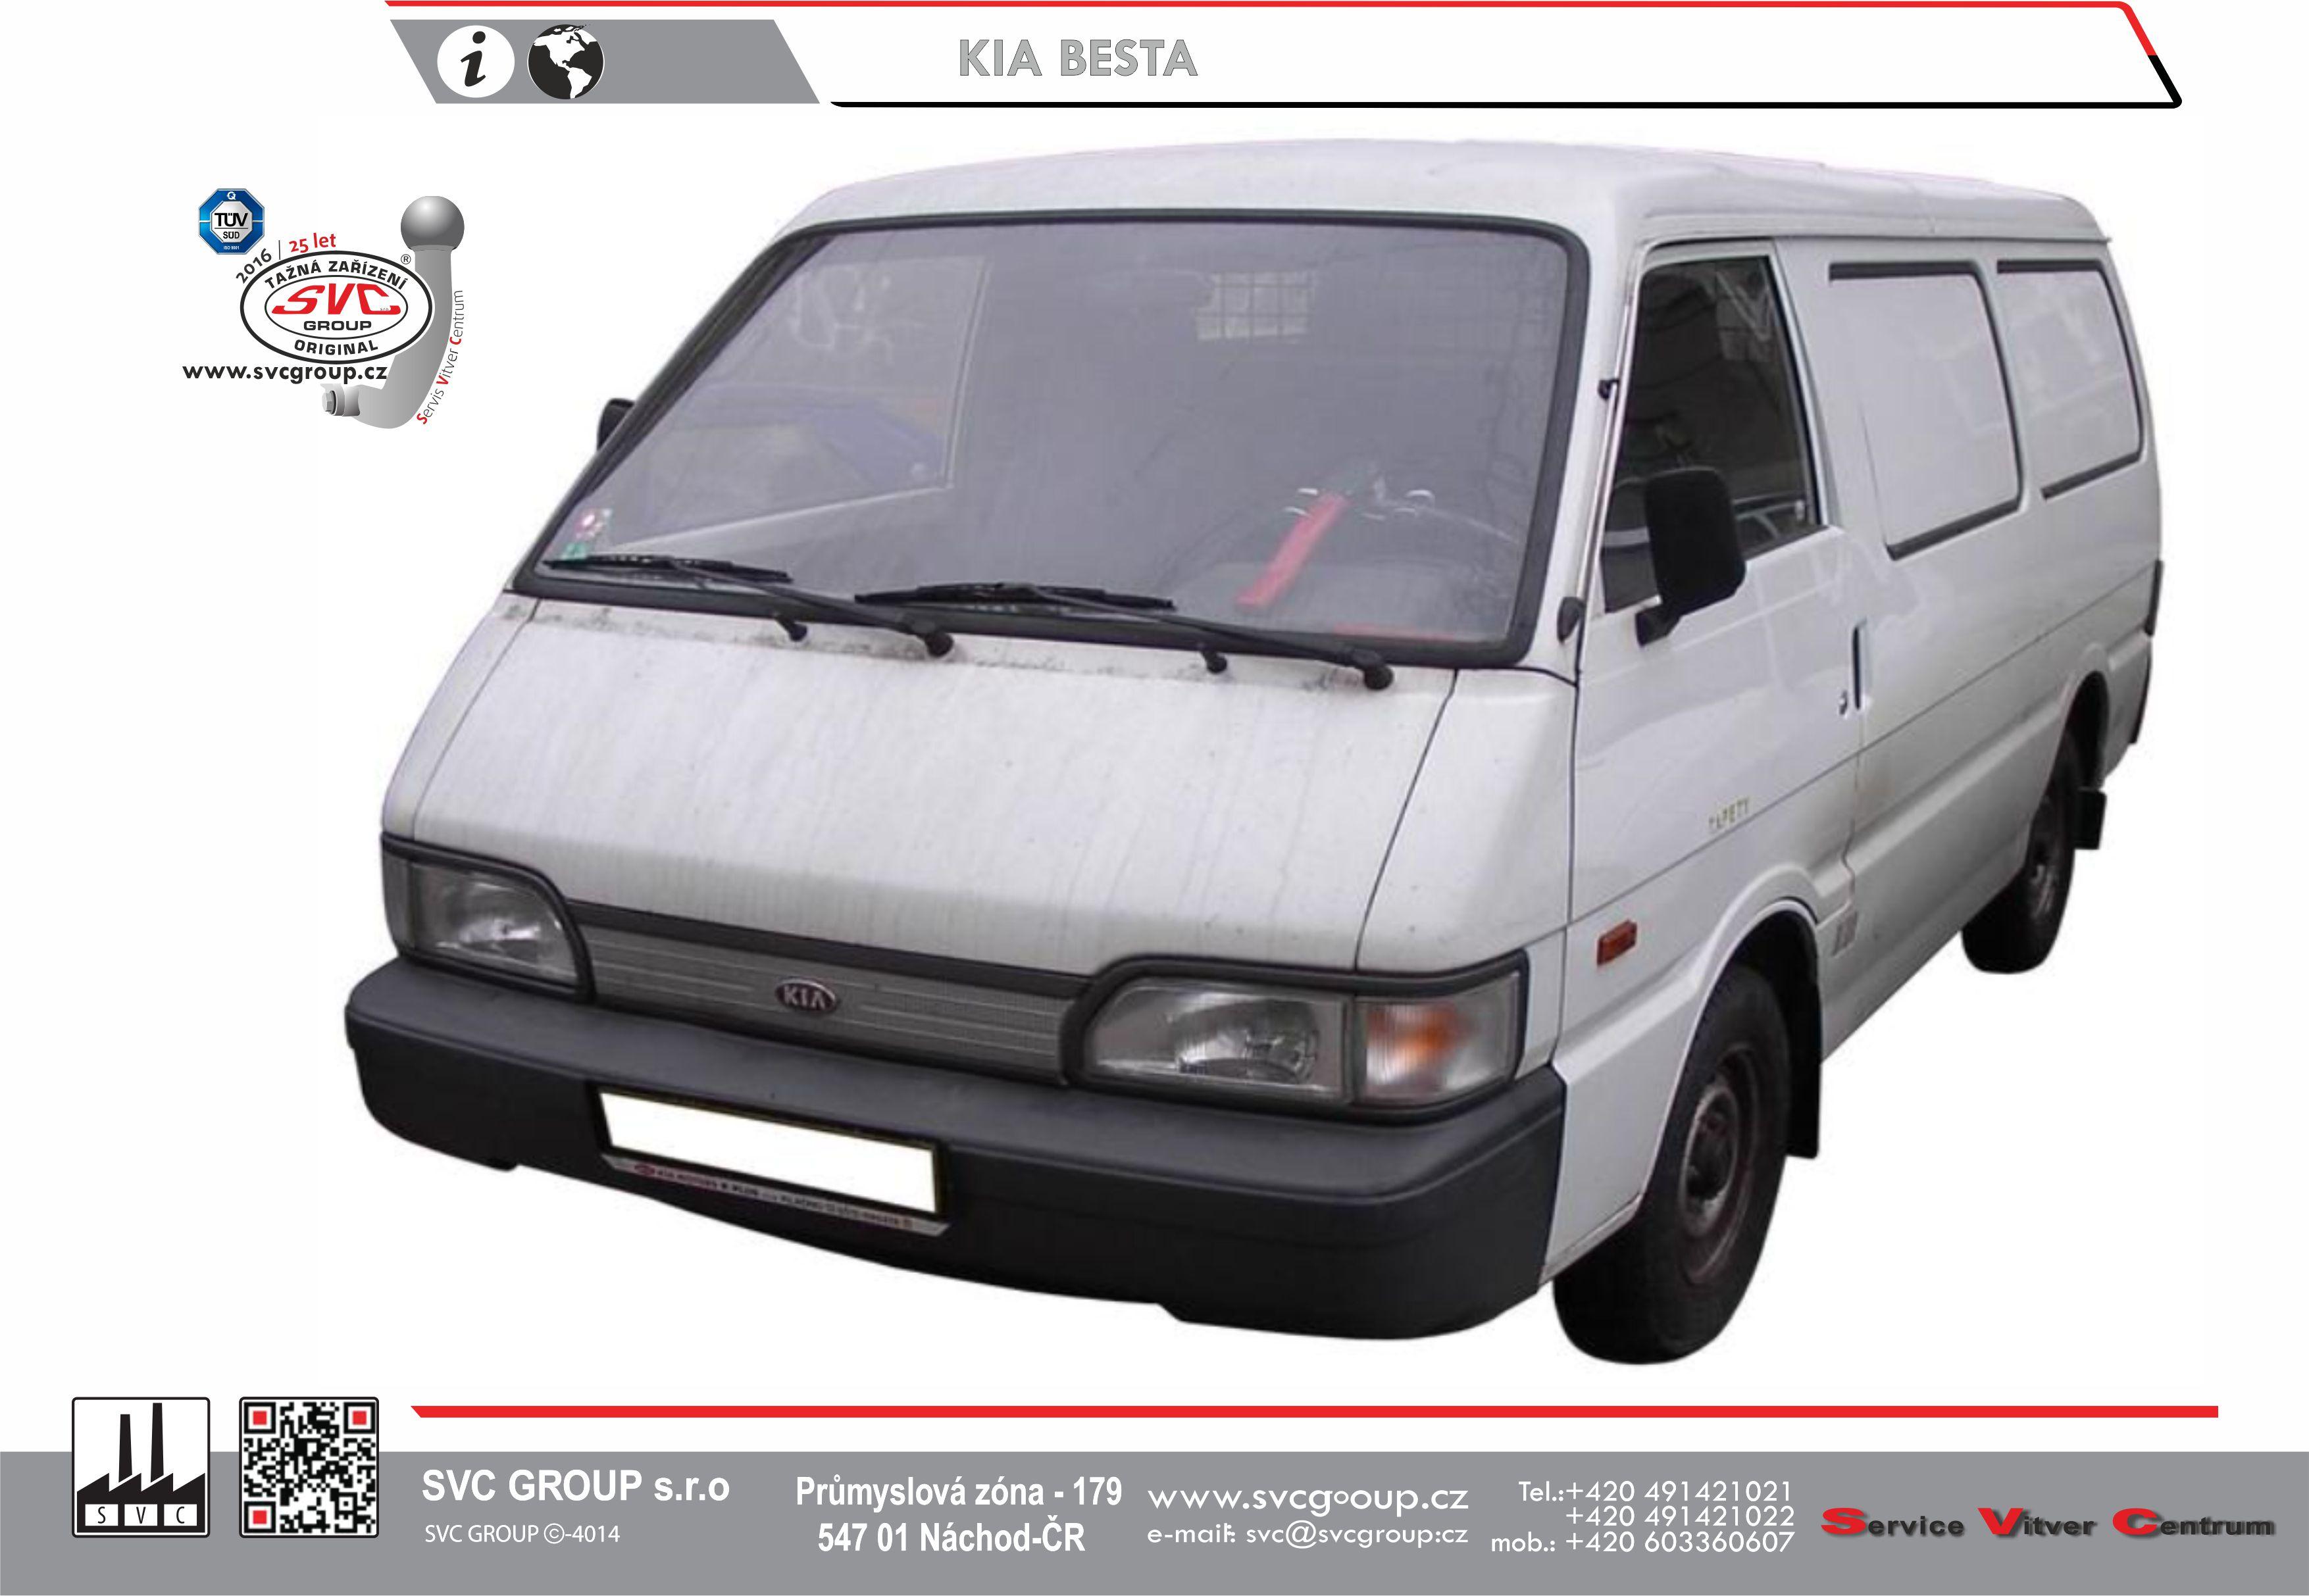 Kia Besta